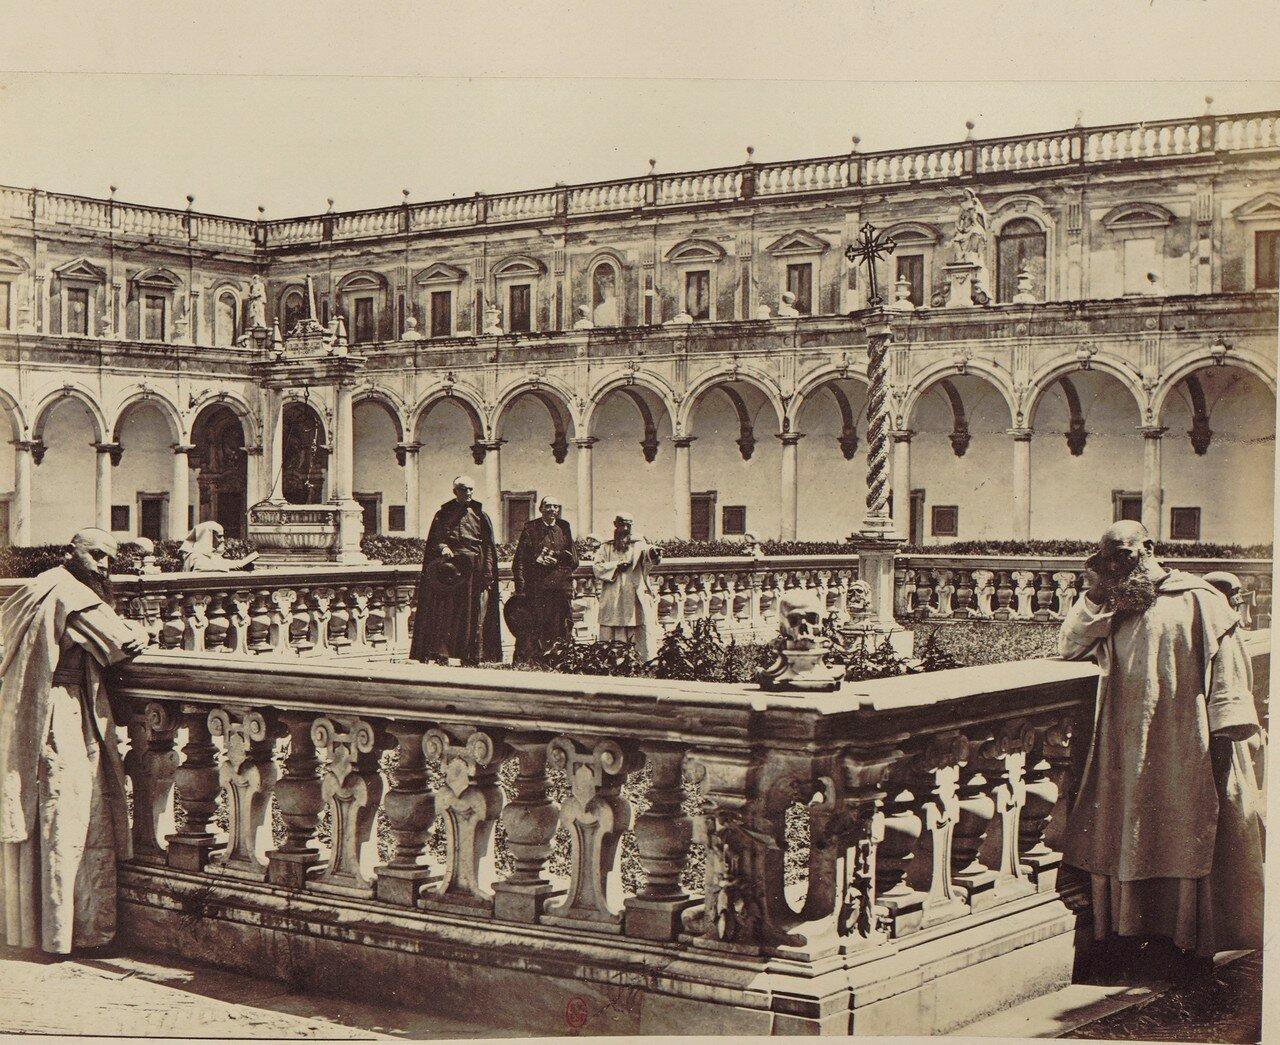 62. Картезианский монастырь святого Мартина. Картезианское кладбище с декоративным колодцем в центре и фруктовым садом